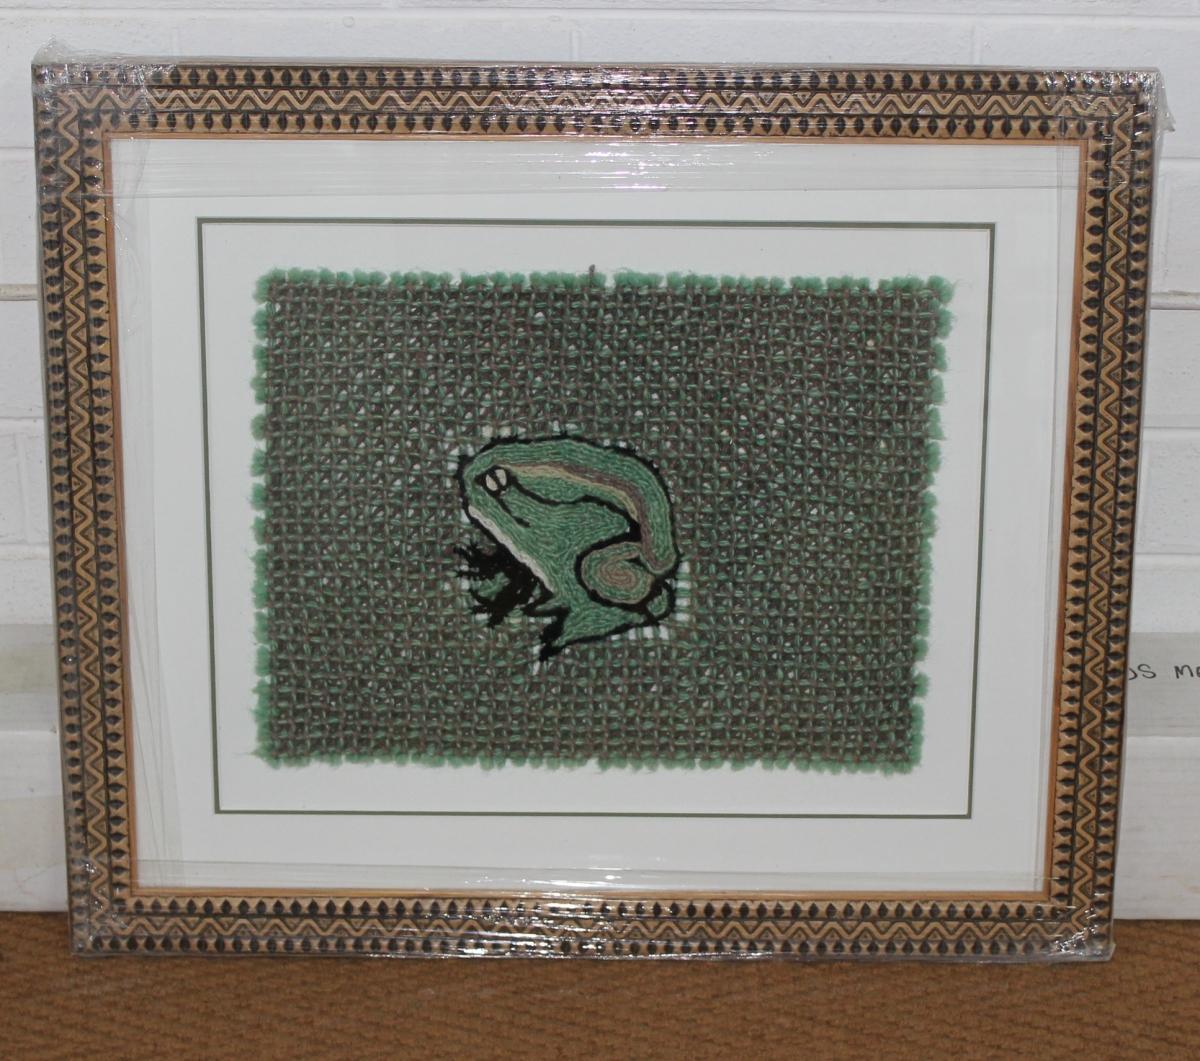 N3TC Weaver Stanley Noxolo frog in frame